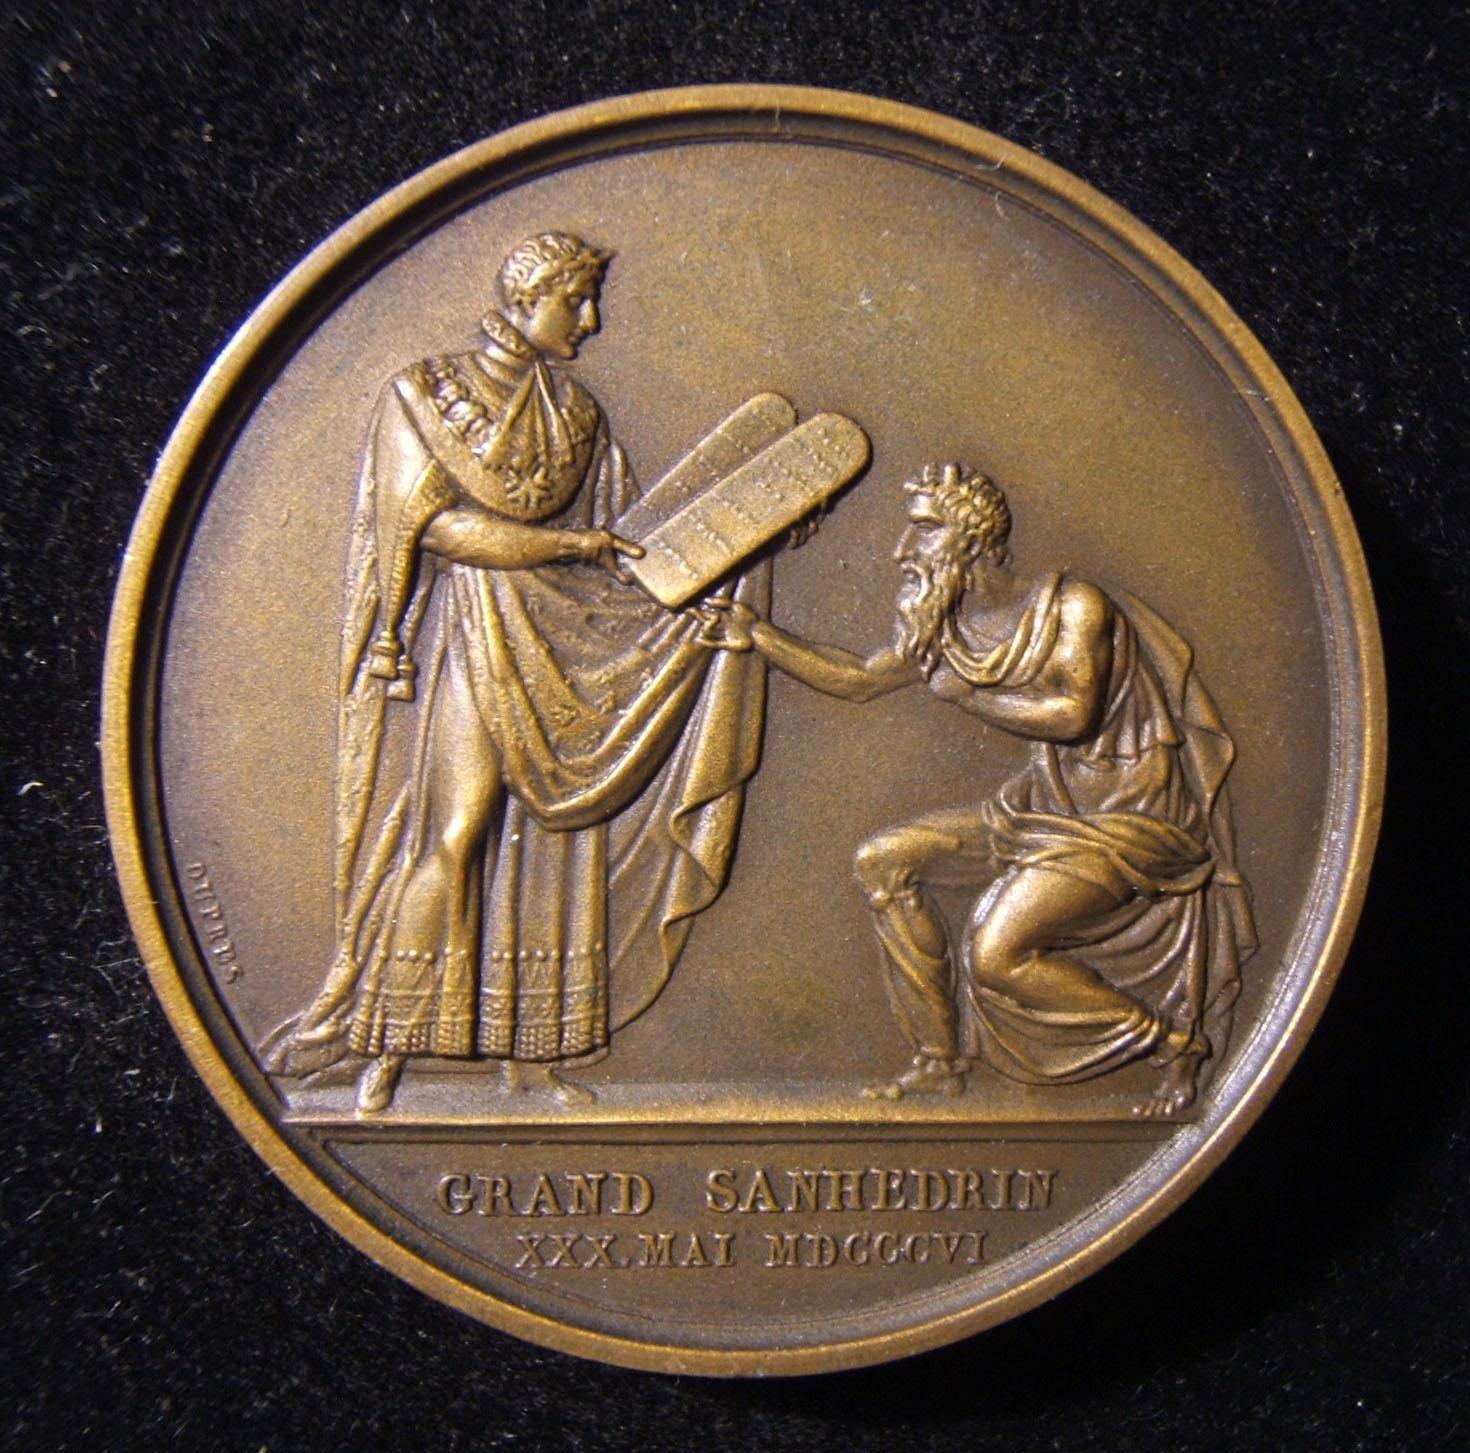 Frankreich: Großer Sanhedrin Medaille (Nachbildung, 1880-1950), 1806; aus Bronze; Vorderseite Design von de Paulis, Rückseite von du Pres; Größe: 41,5 mm, Gewicht: 36,75 g. Vorders